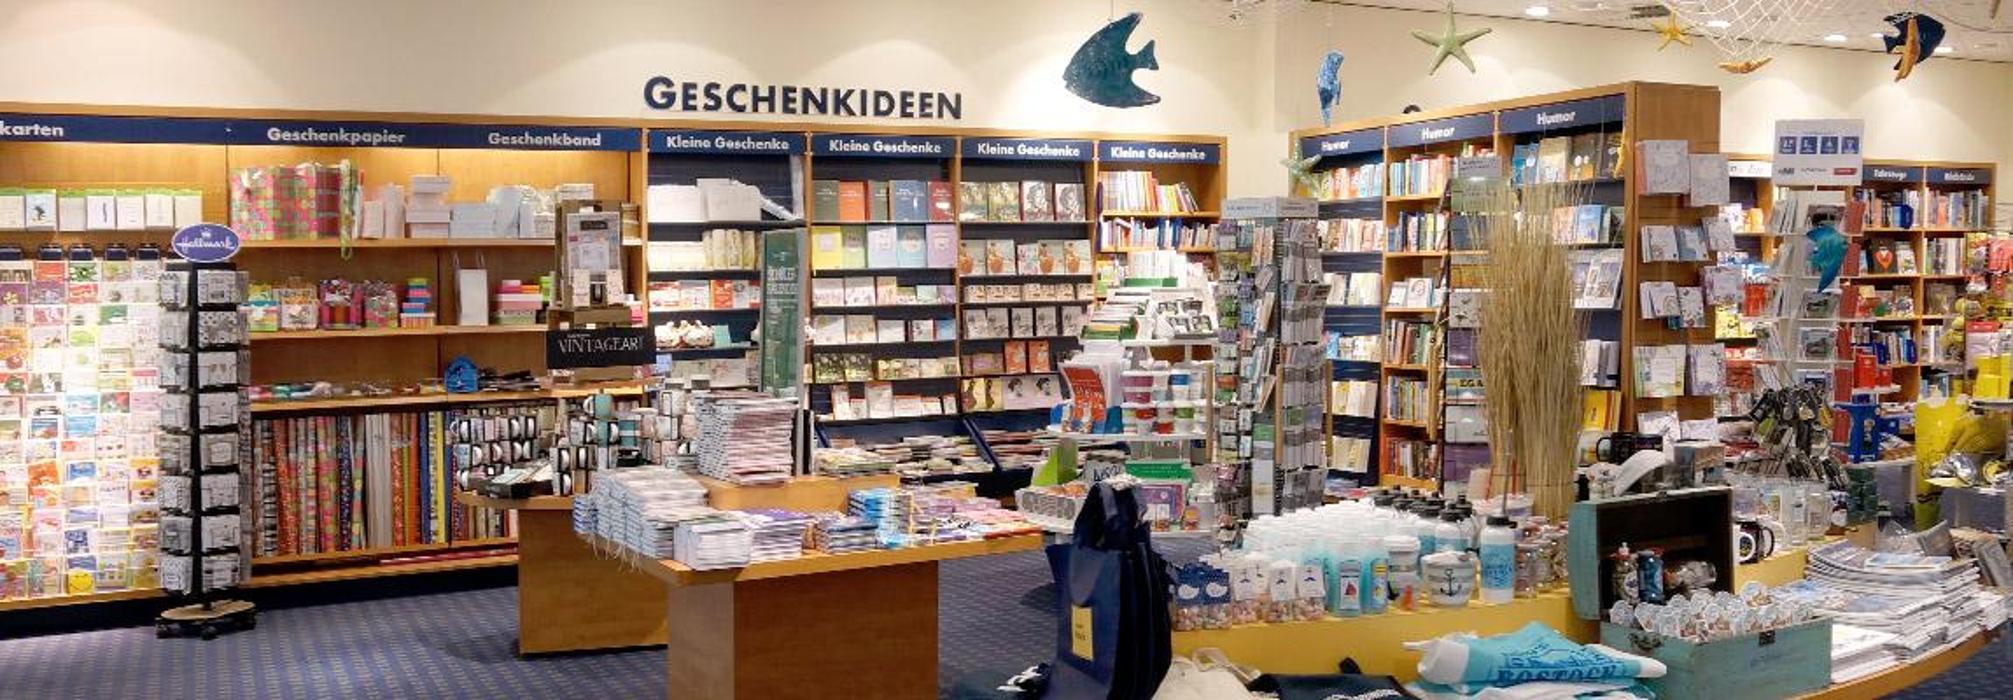 abclocal - Erfahren Sie mehr über Thalia Rostock - Kröpeliner Tor Center in Rostock